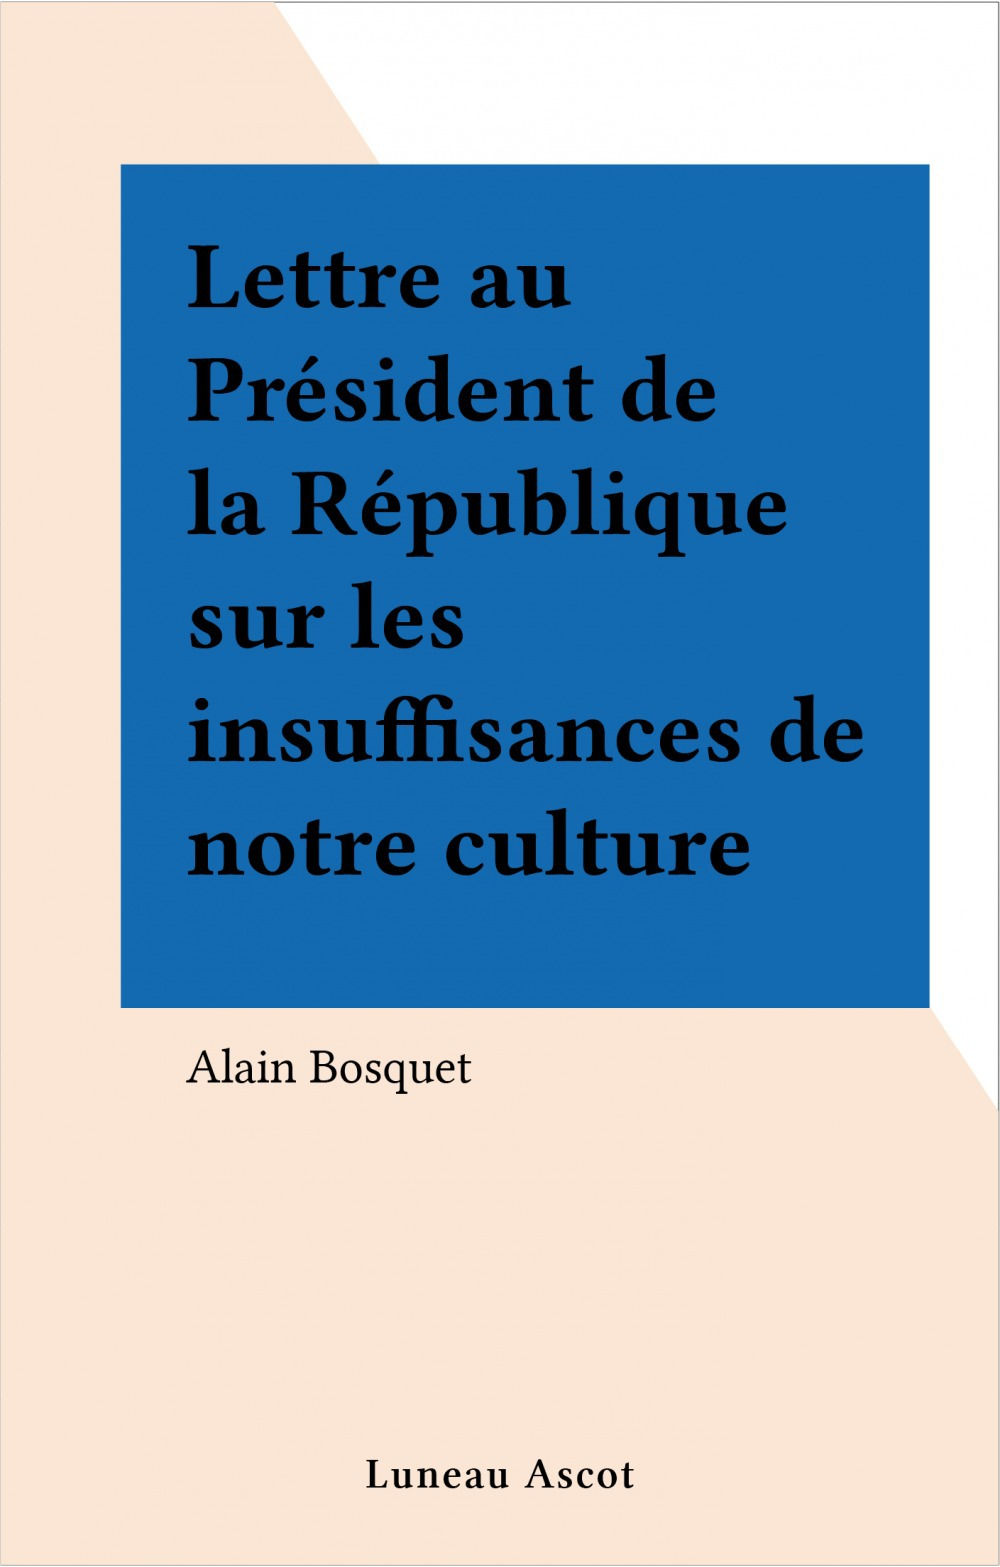 Lettre au Président de la République sur les insuffisances de notre culture